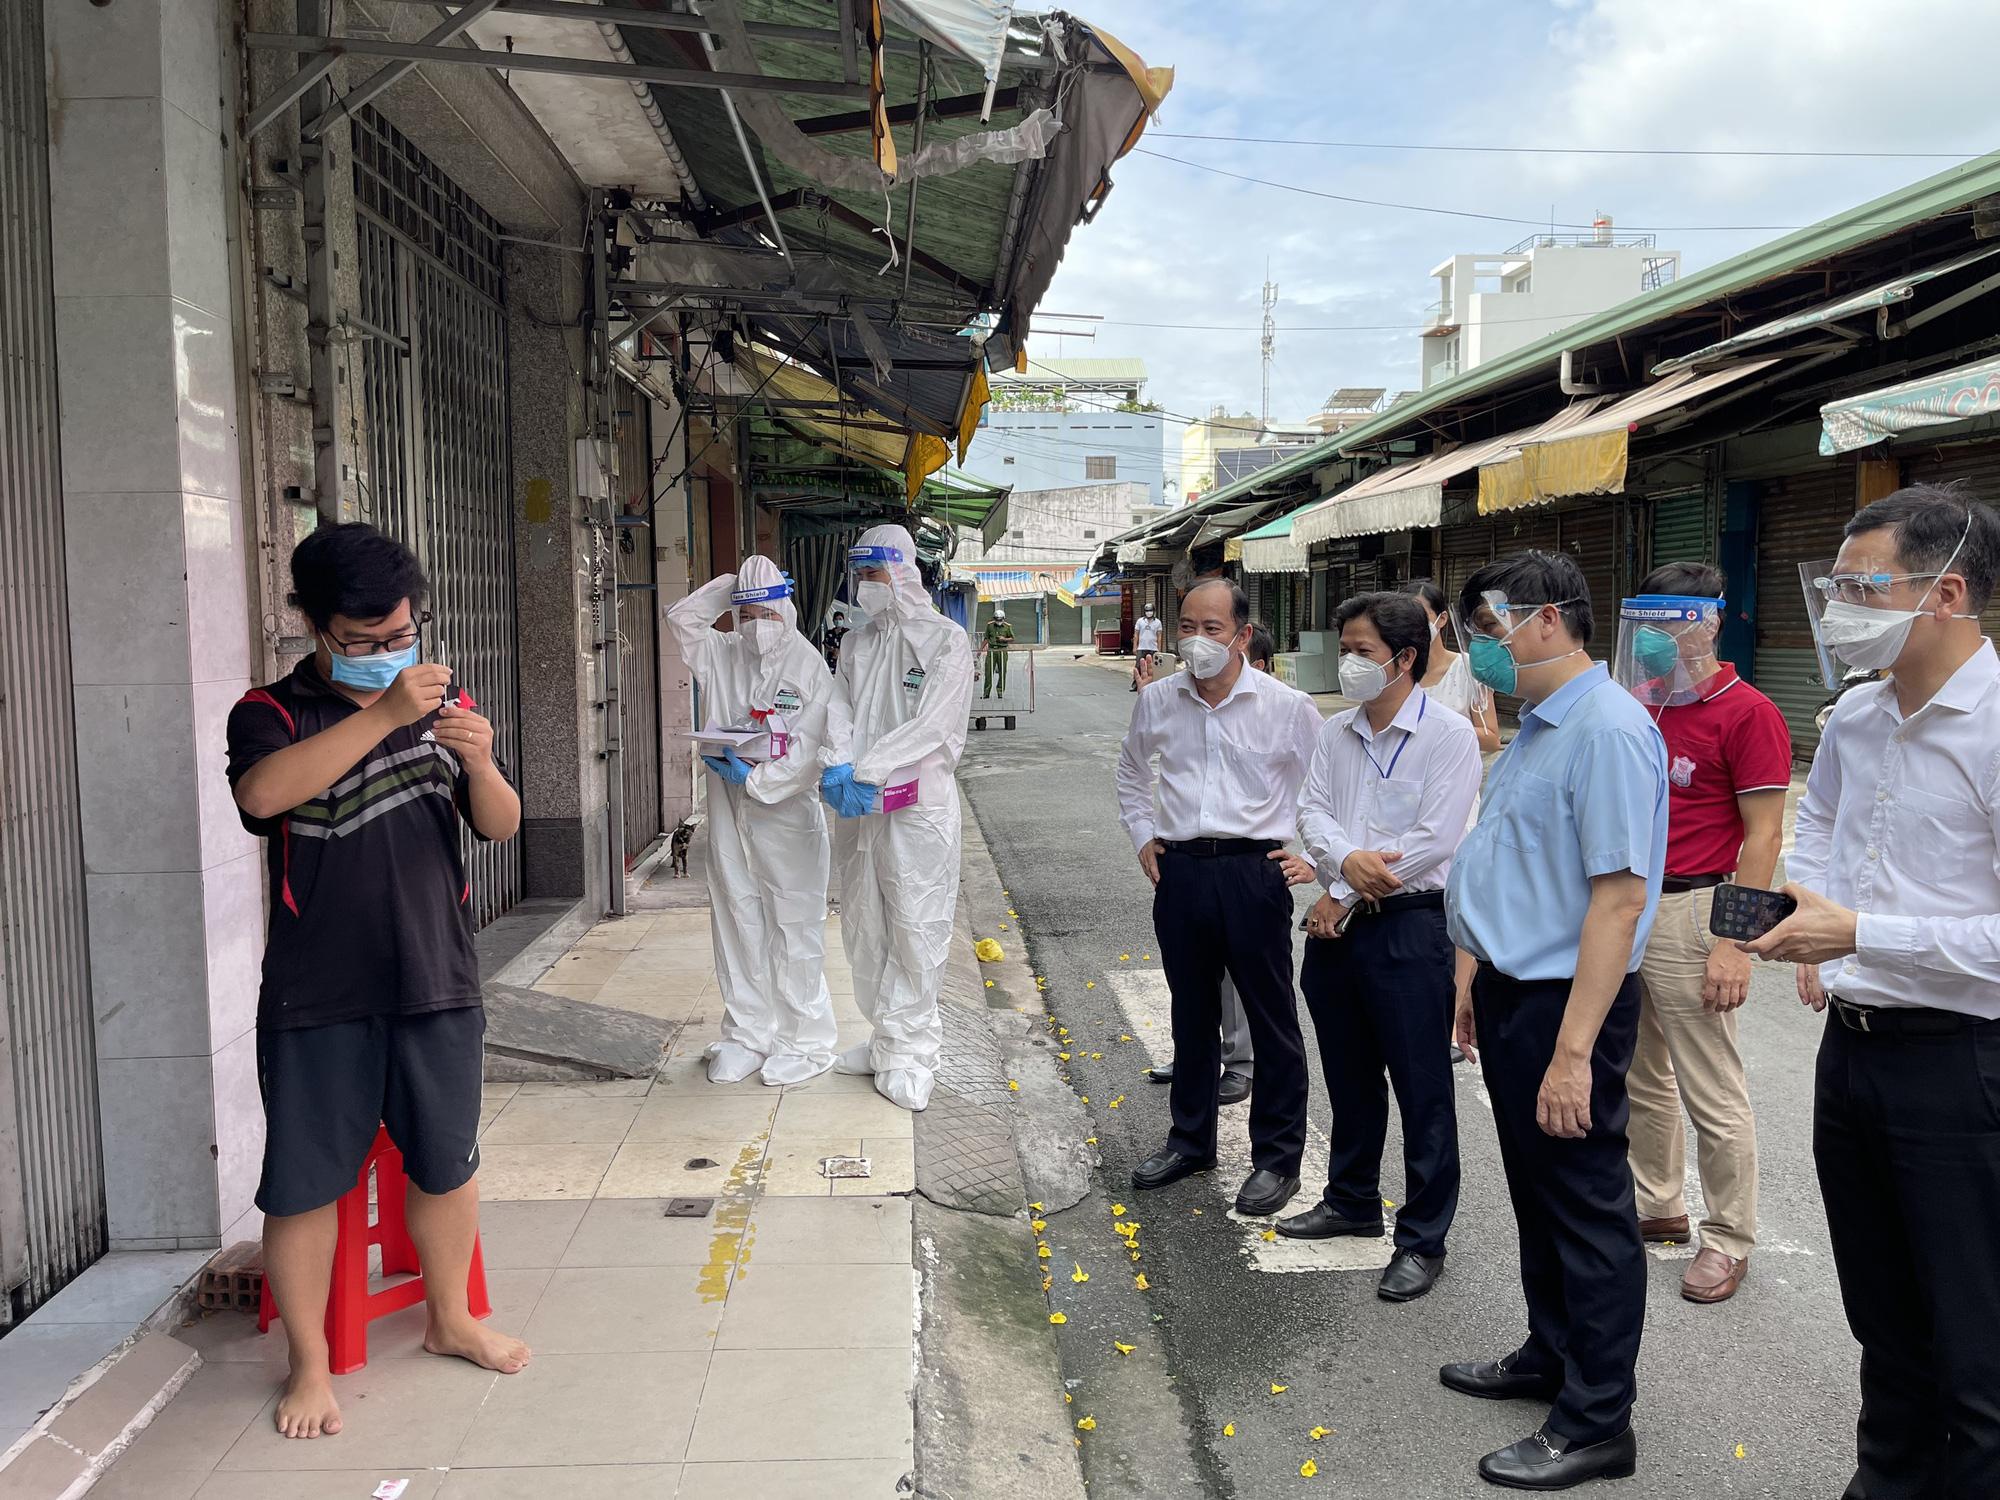 Bộ trưởng Bộ Y tế: 3 nhóm địa phương thực hiện tiêu chí kiểm soát dịch COVID-19   - Ảnh 2.